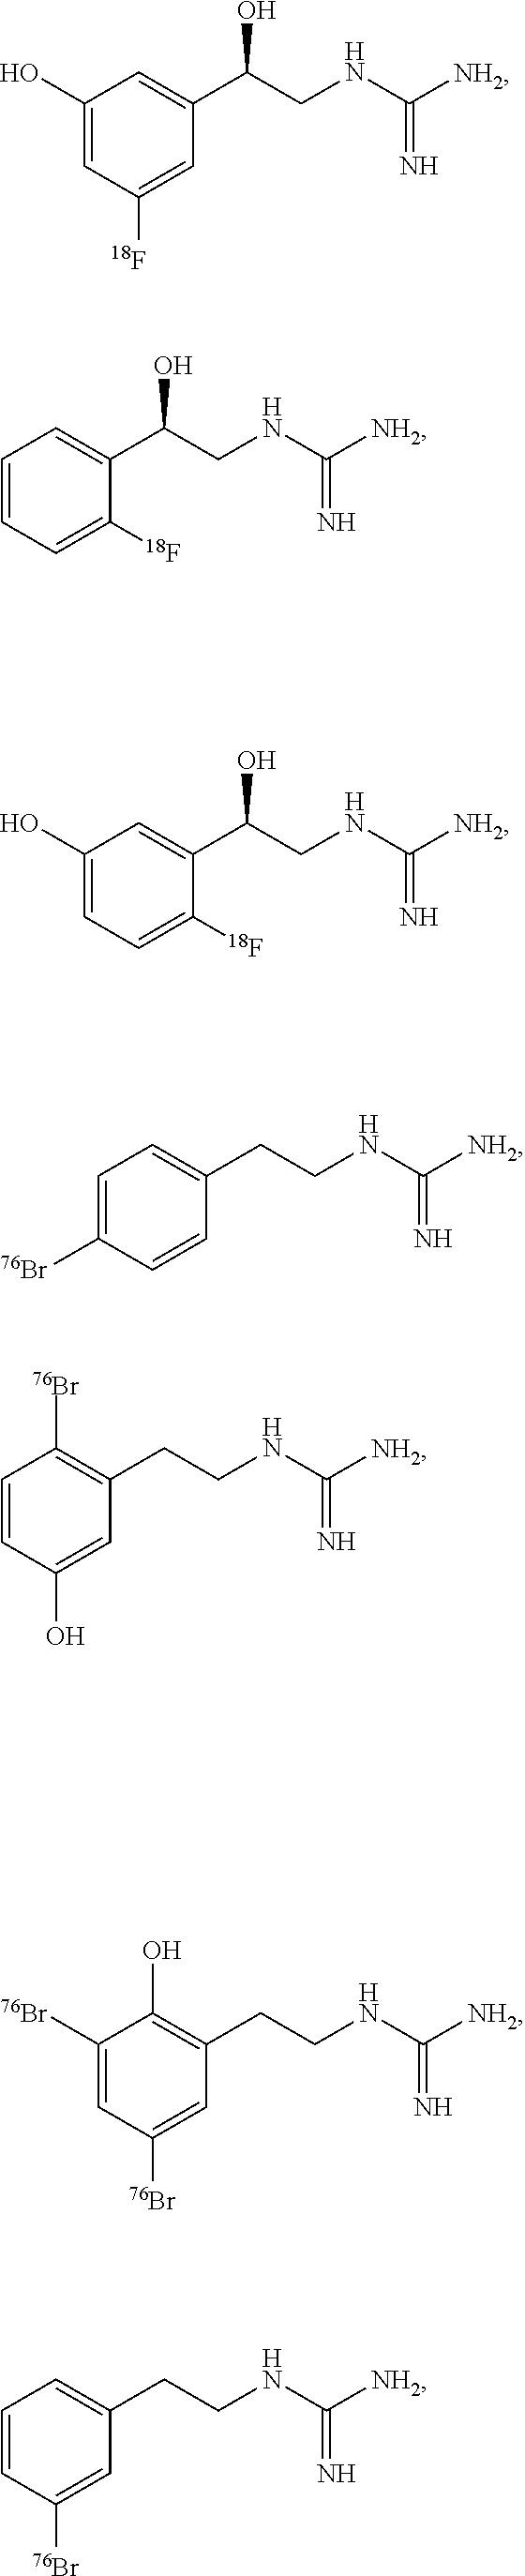 Figure US09550000-20170124-C00035